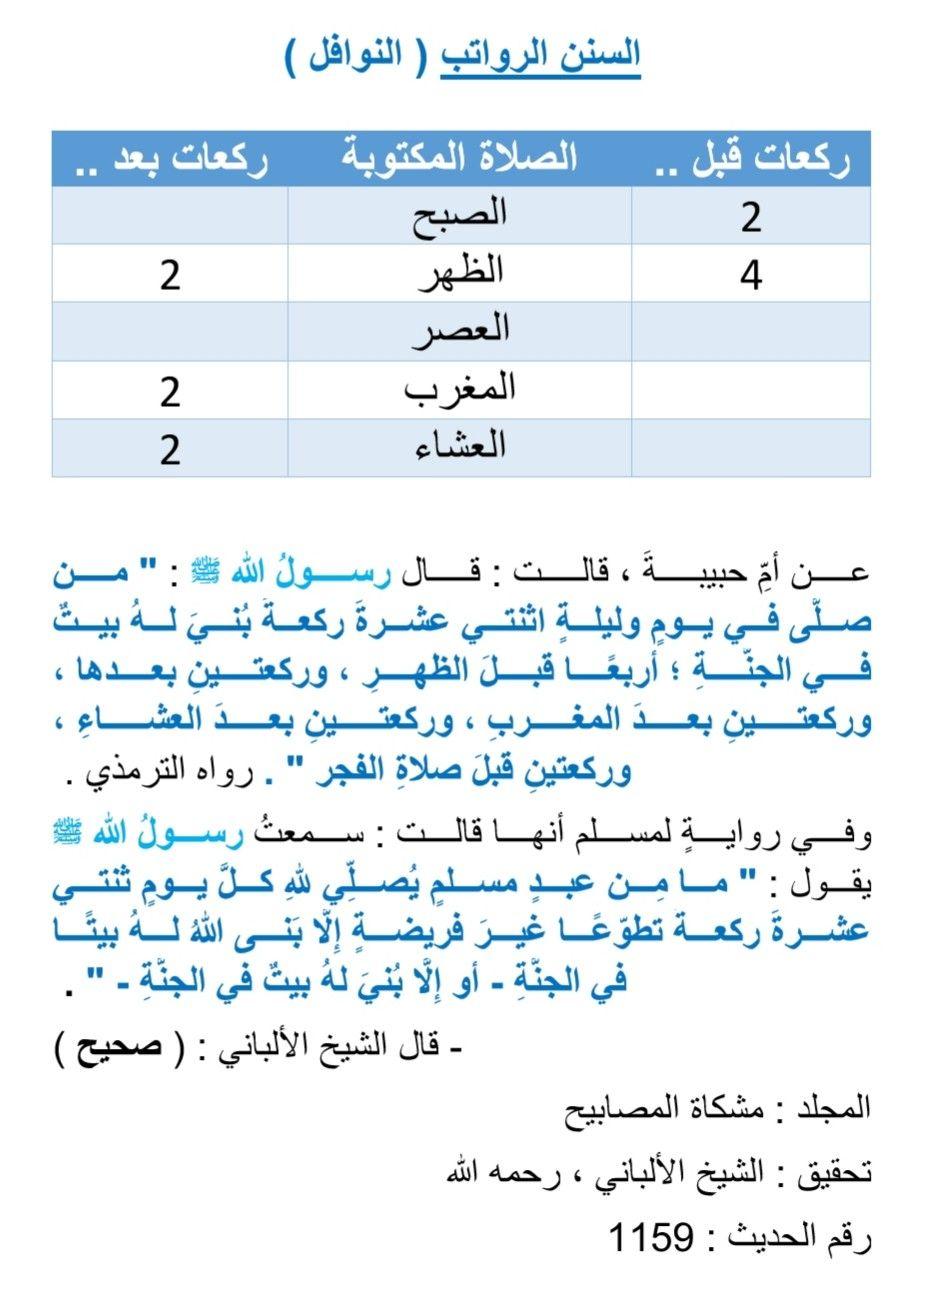 السنن الرواتب النوافل عن أم حبيبة قالت قال رسول الله ﷺ من صل ى في يوم وليلة اثنتي عشرة ر Islam Facts Learn Islam Islamic Quotes Quran